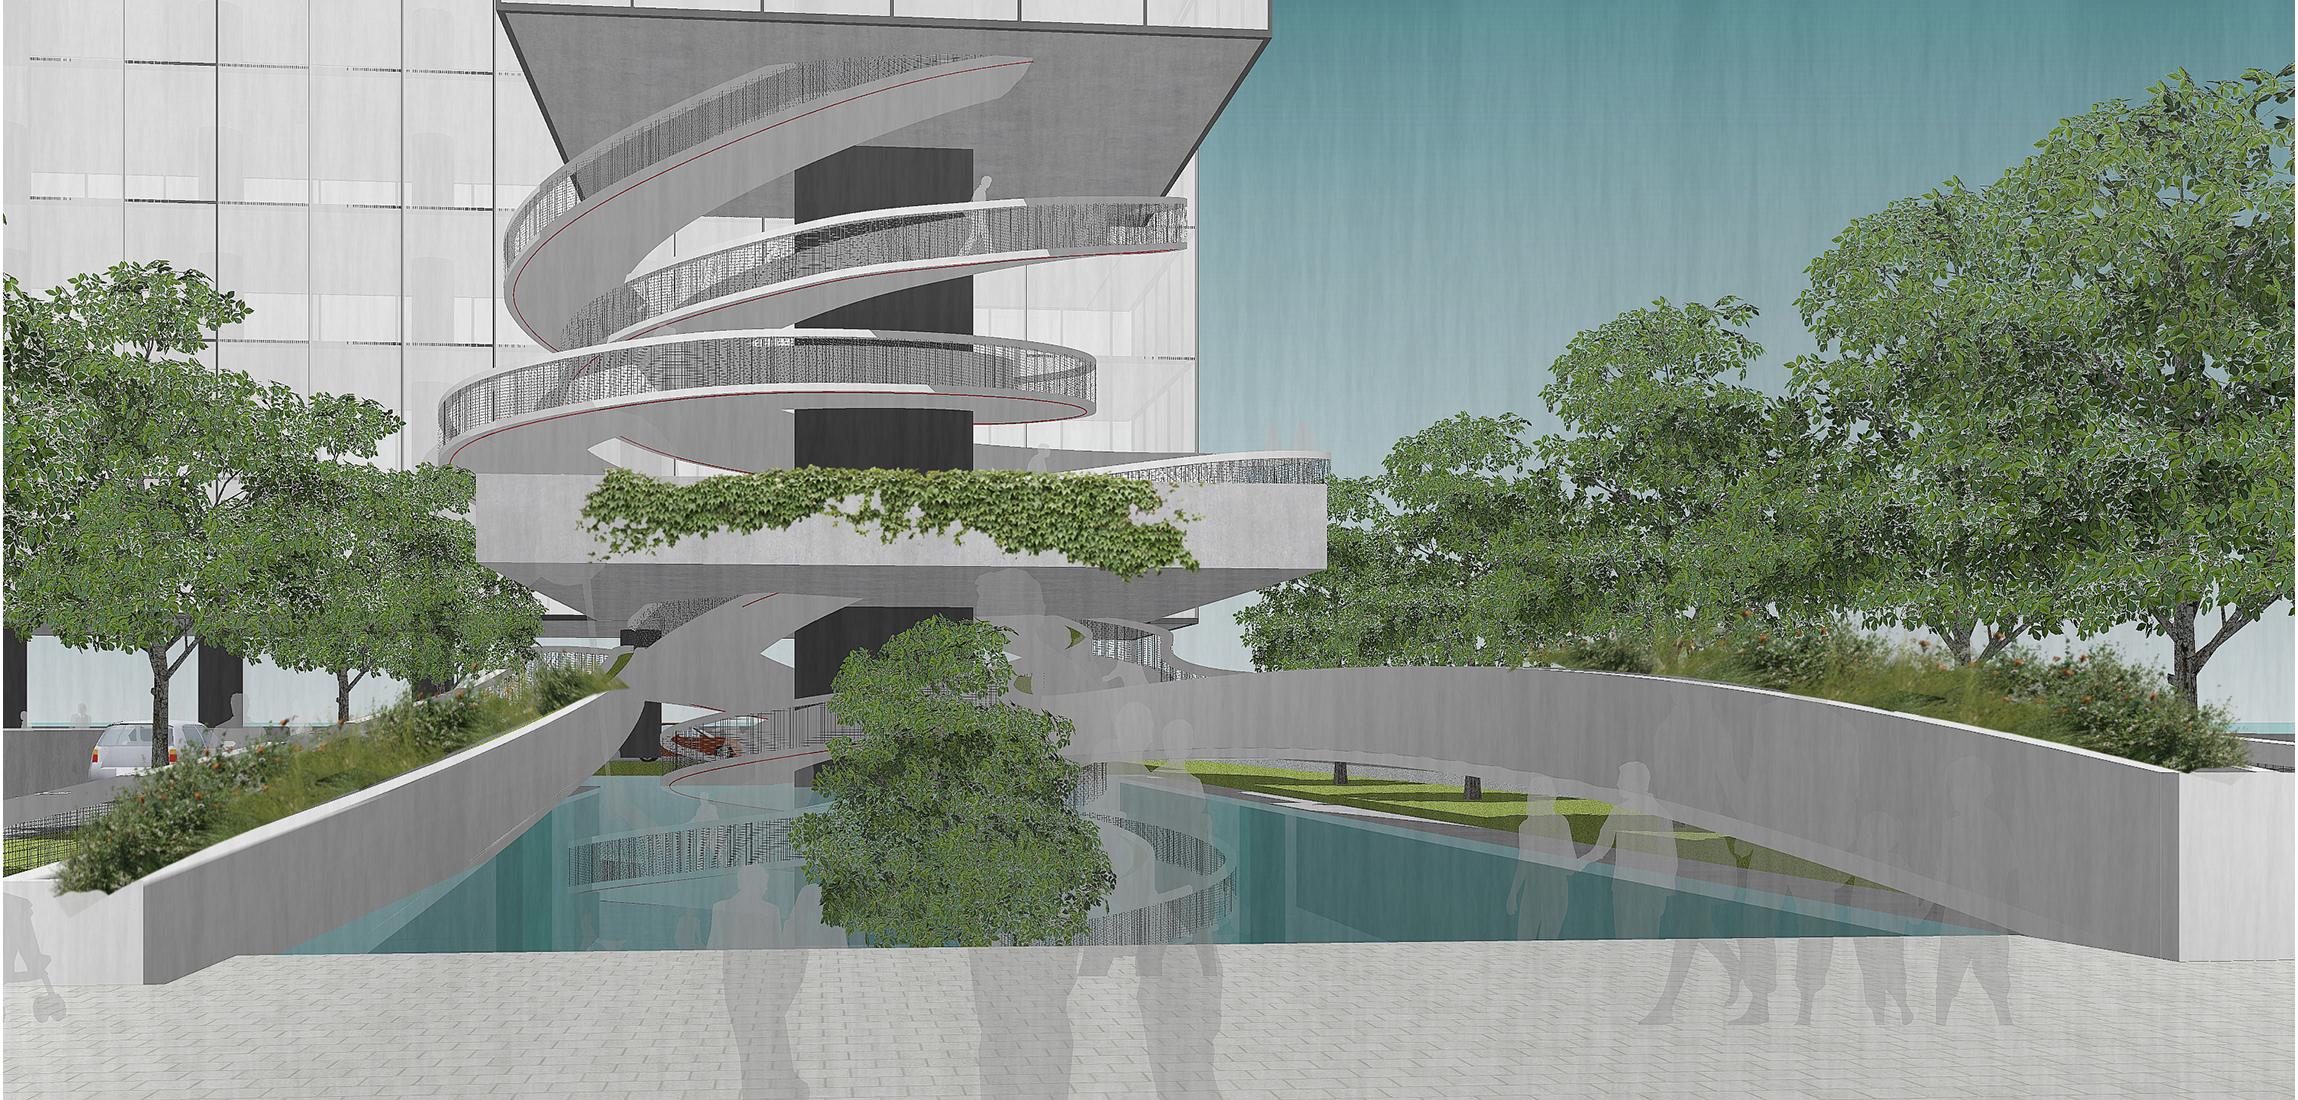 warp architects_halo (4).jpg